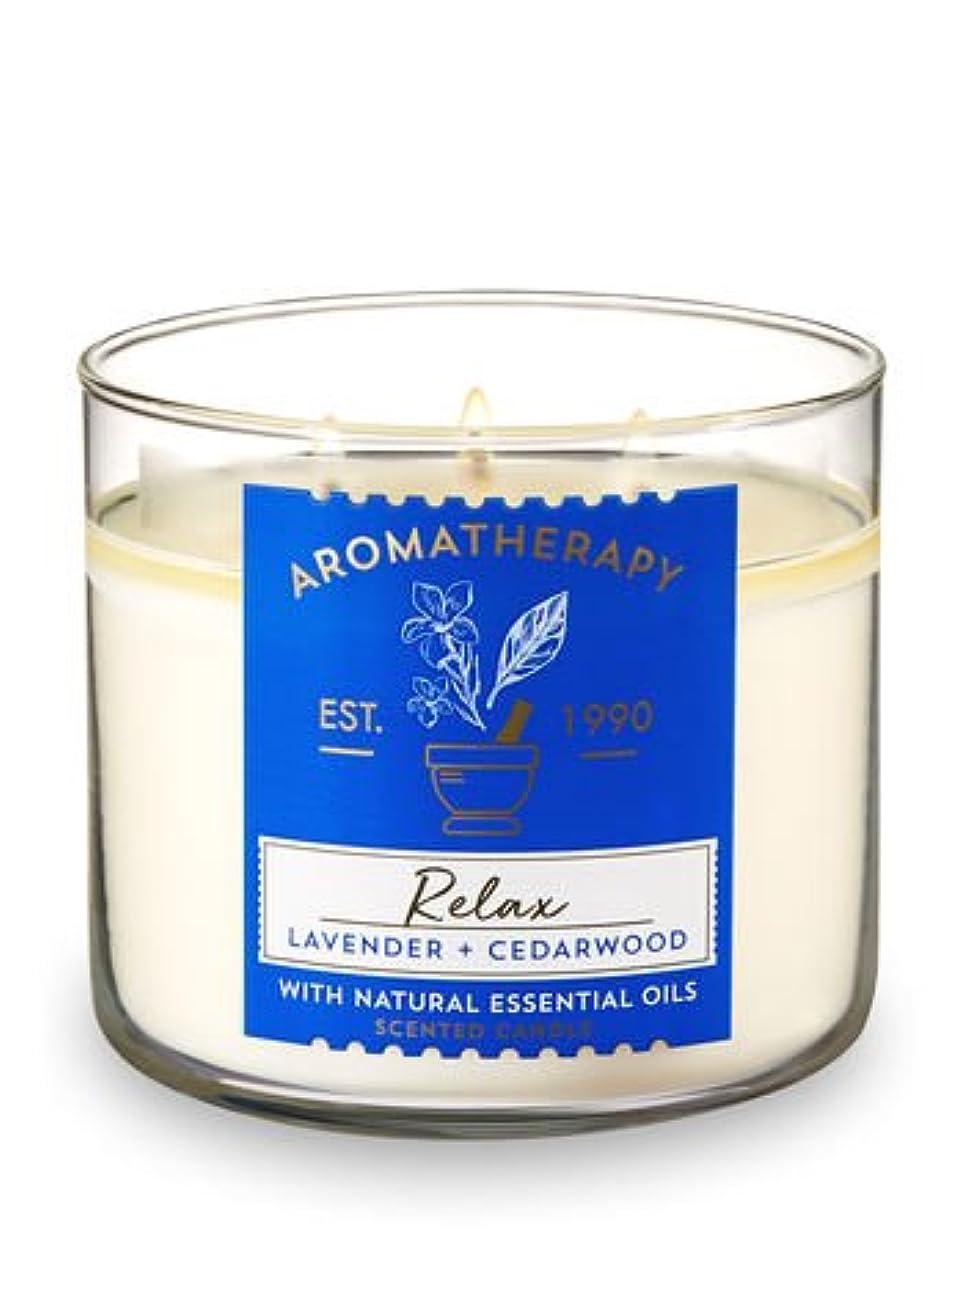 精神的に奨励いらいらさせる【Bath&Body Works/バス&ボディワークス】 アロマキャンドル アロマセラピー リラックス ラベンダー&シダーウッド Aromatherapy 3-Wick Scented Candle Relax Lavender...